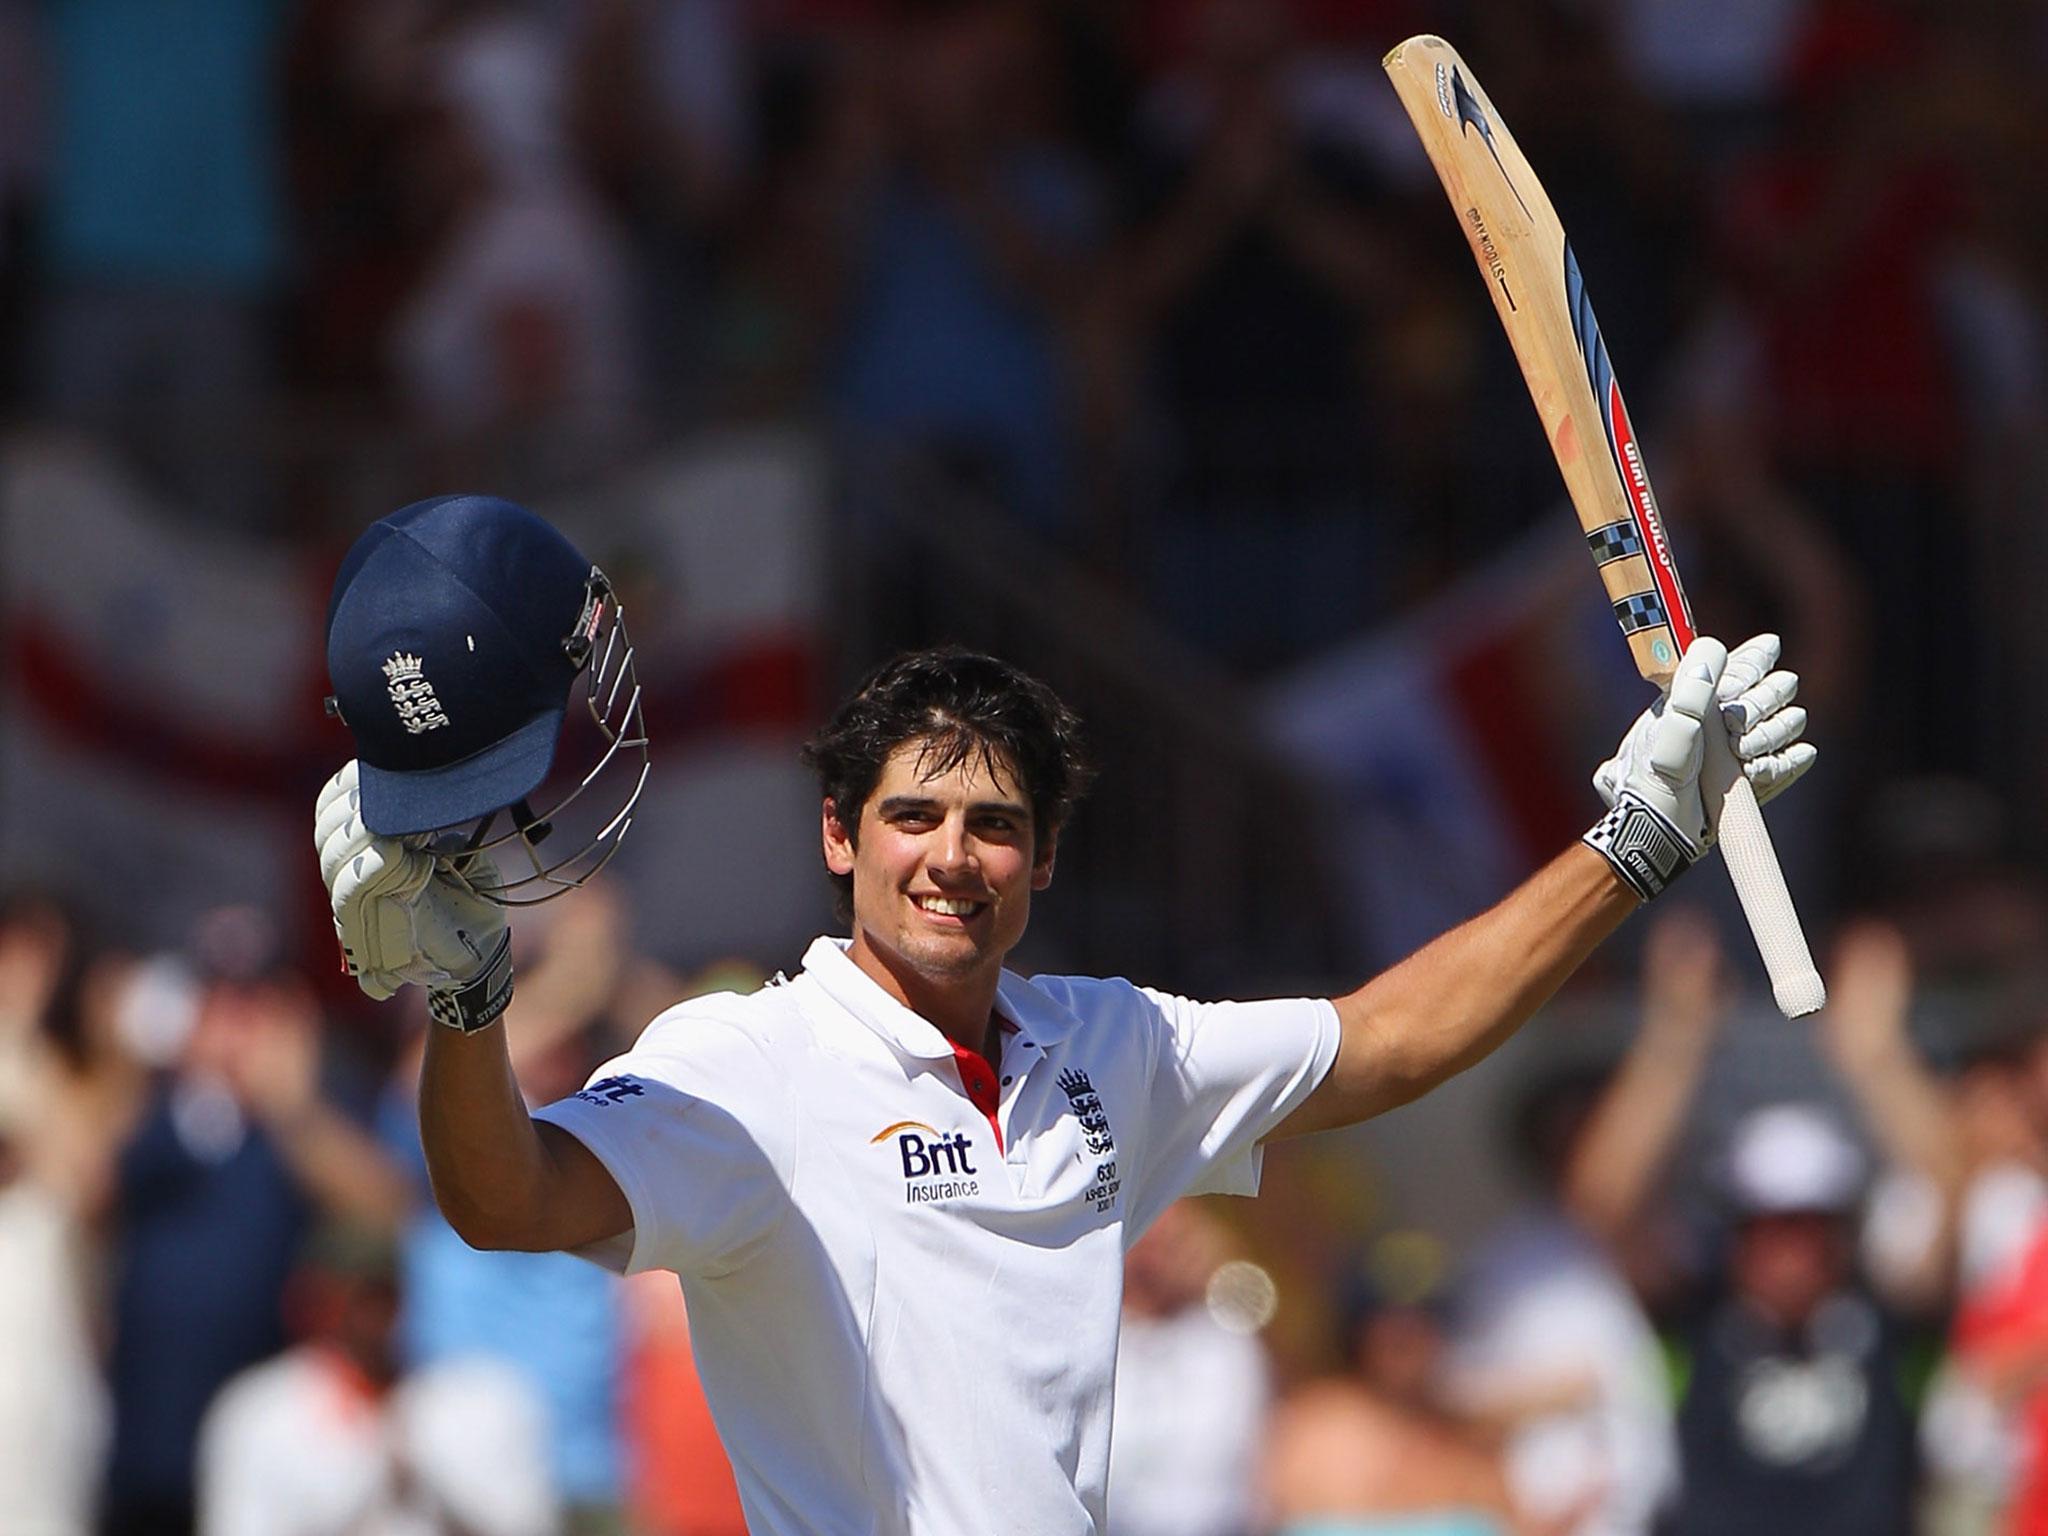 भारत पर हर बार पहाड़ बनकर टूटे हैं एलिस्टर कुक, देखें टीम इंडिया के खिलाफ 5 विराट पारियां 2